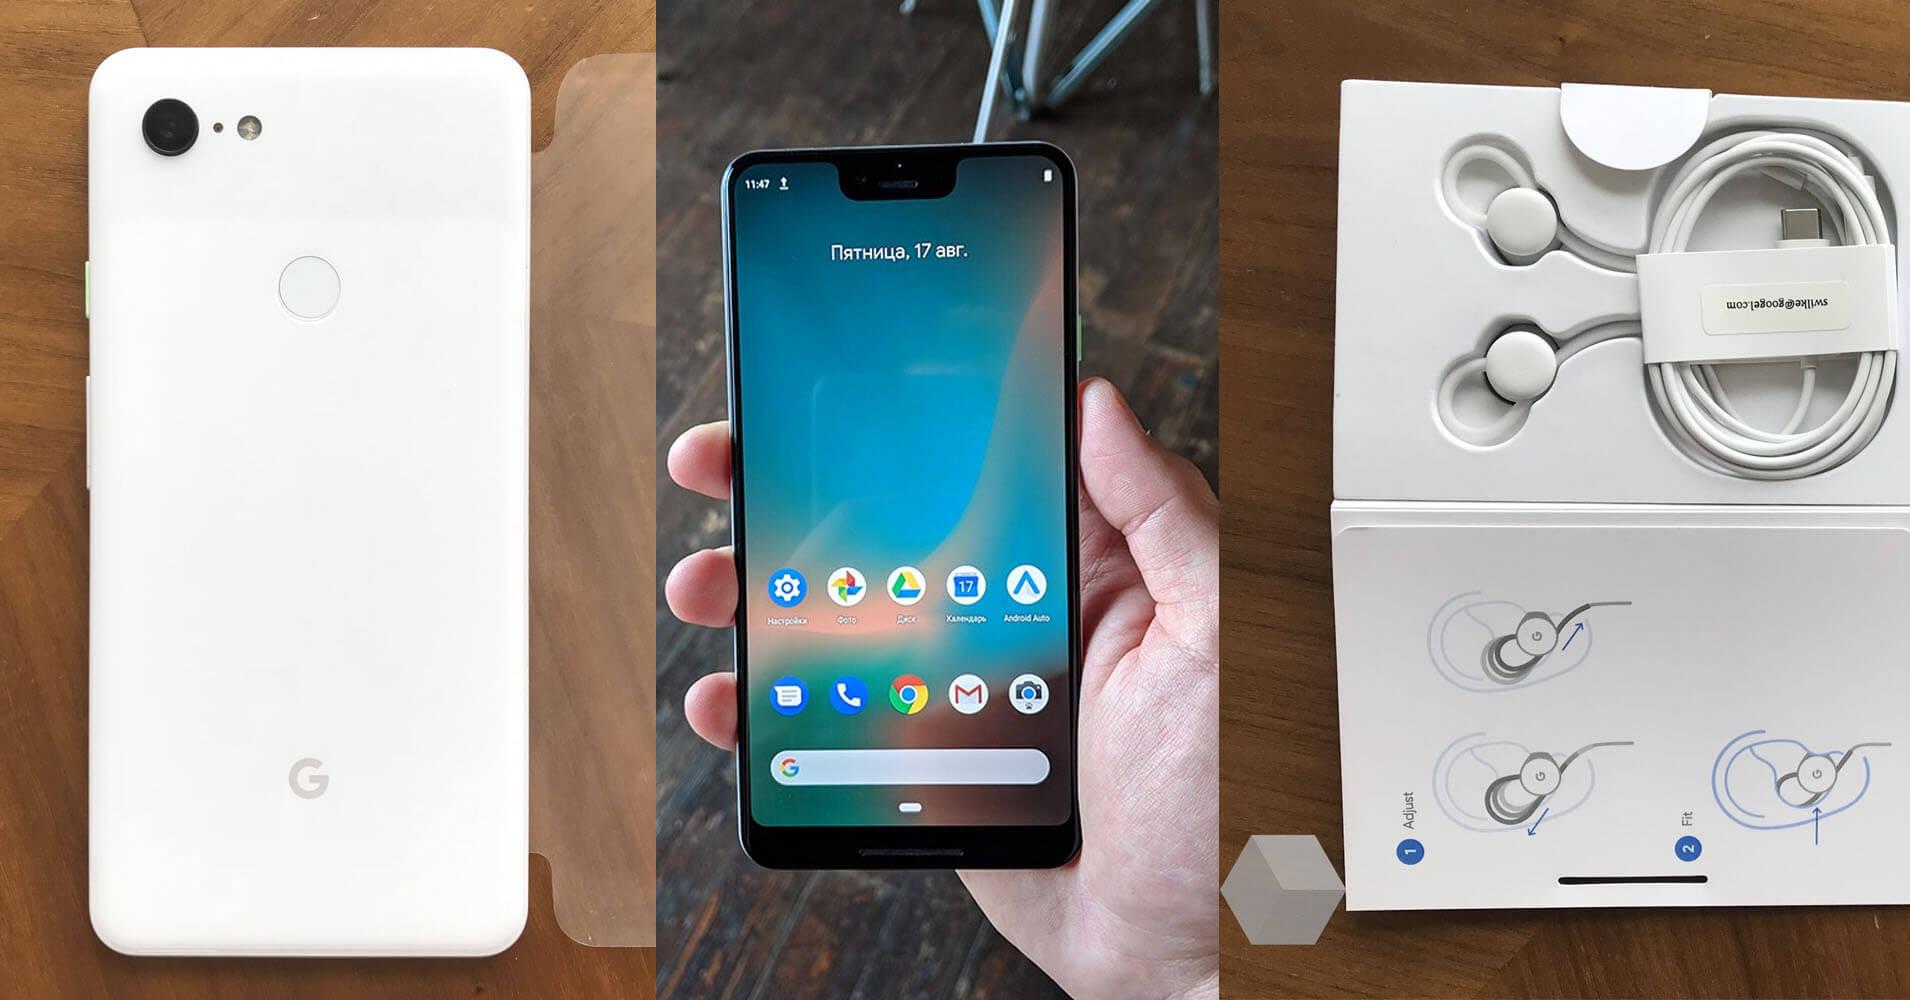 Novo Pixel 3 XL, apresentado durante o evento do Google 2018